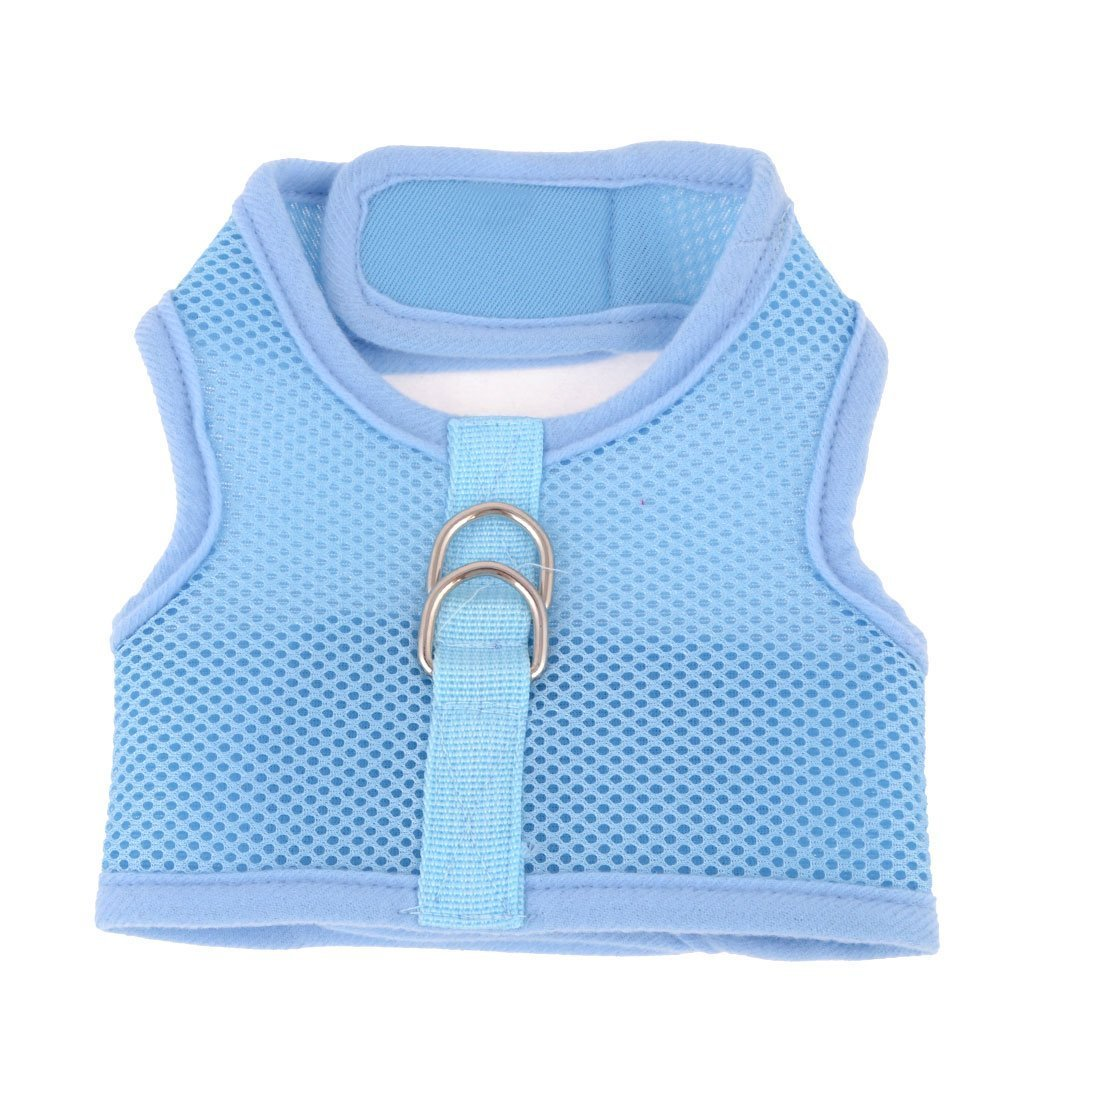 1Pc Lace Flower Design Mesh Breathable Dog Harness Vest Leash Size S Light bluee